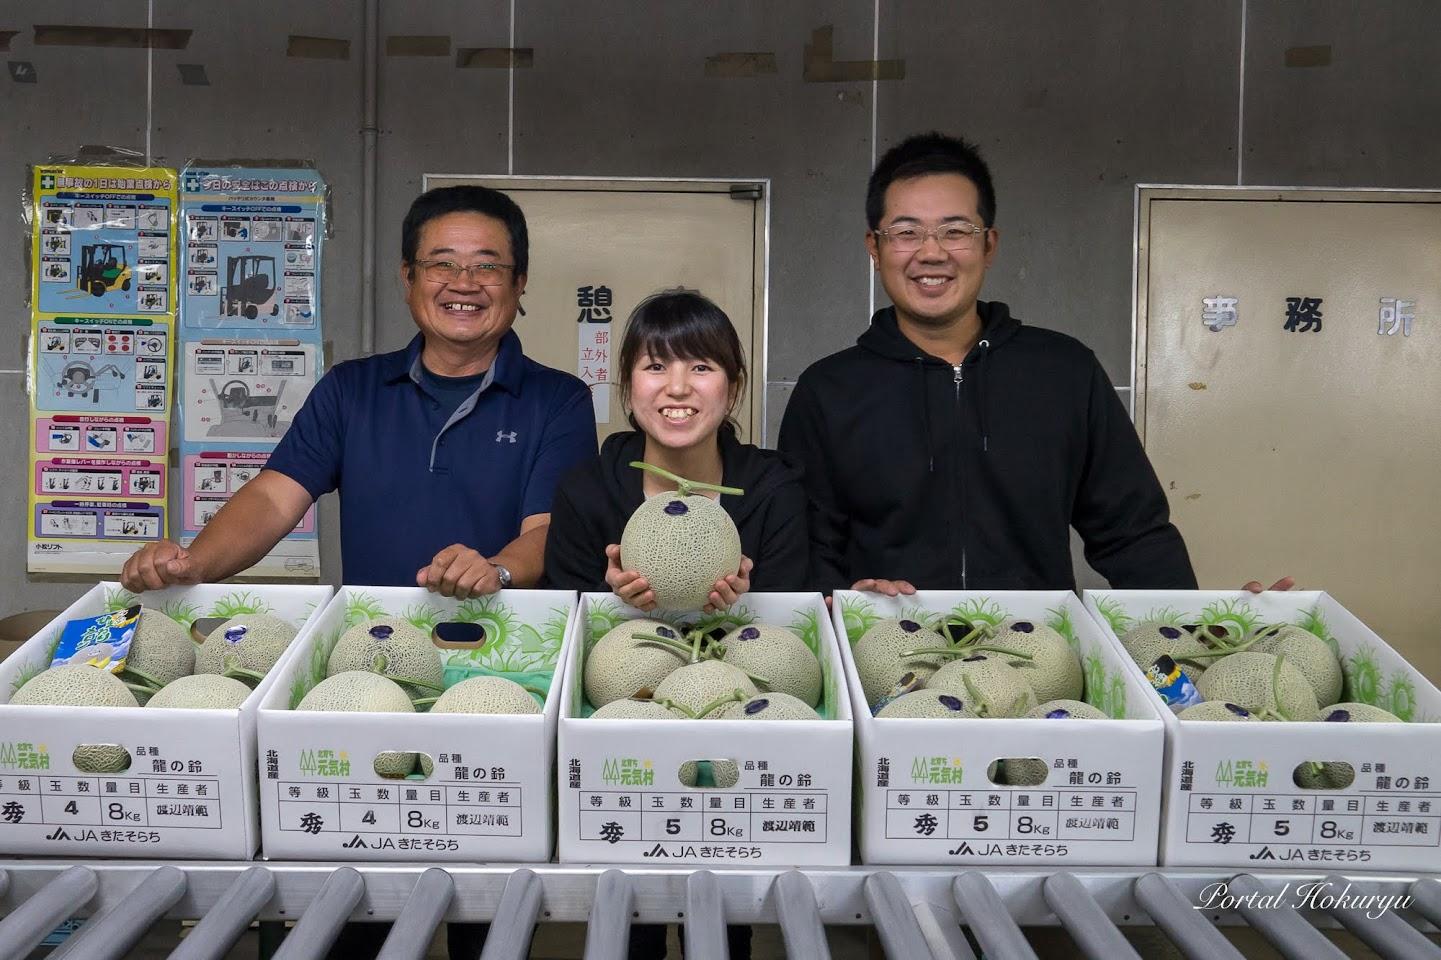 笑顔で初出荷(左より)渡邊靖範さん・美香さん・隼斗さん